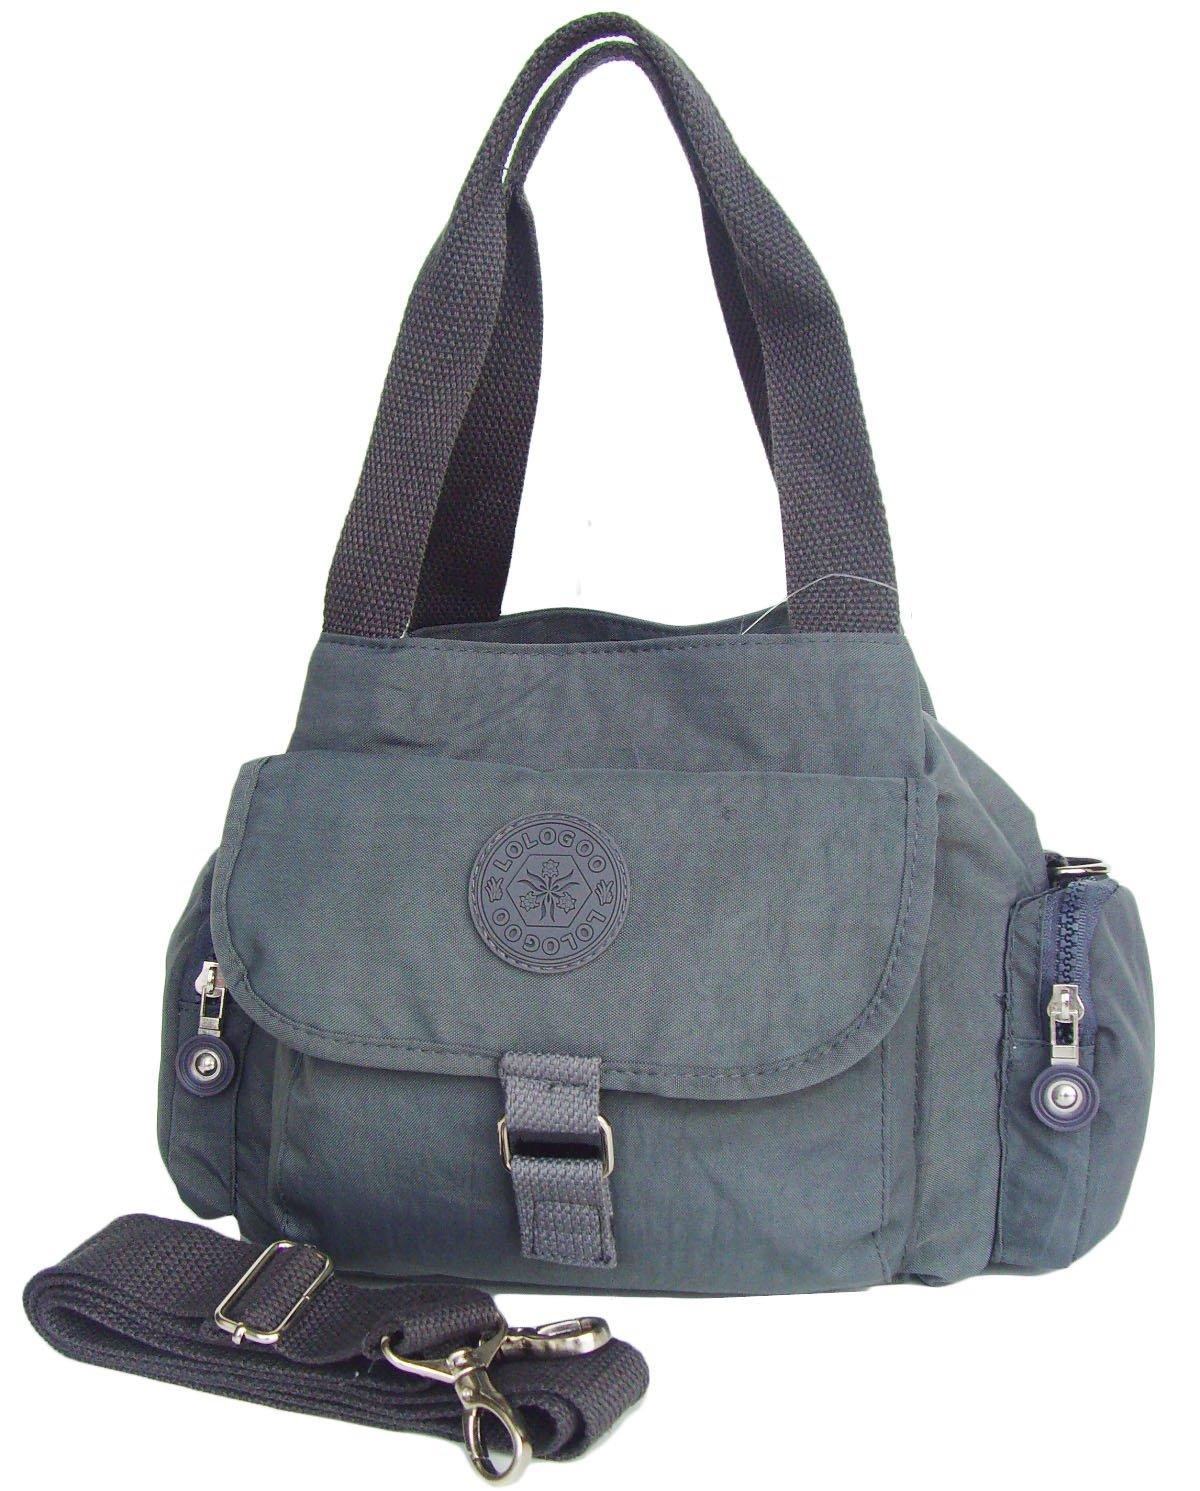 HONG YE Pure Stripe Slouch Bag,sku:hb077grey2